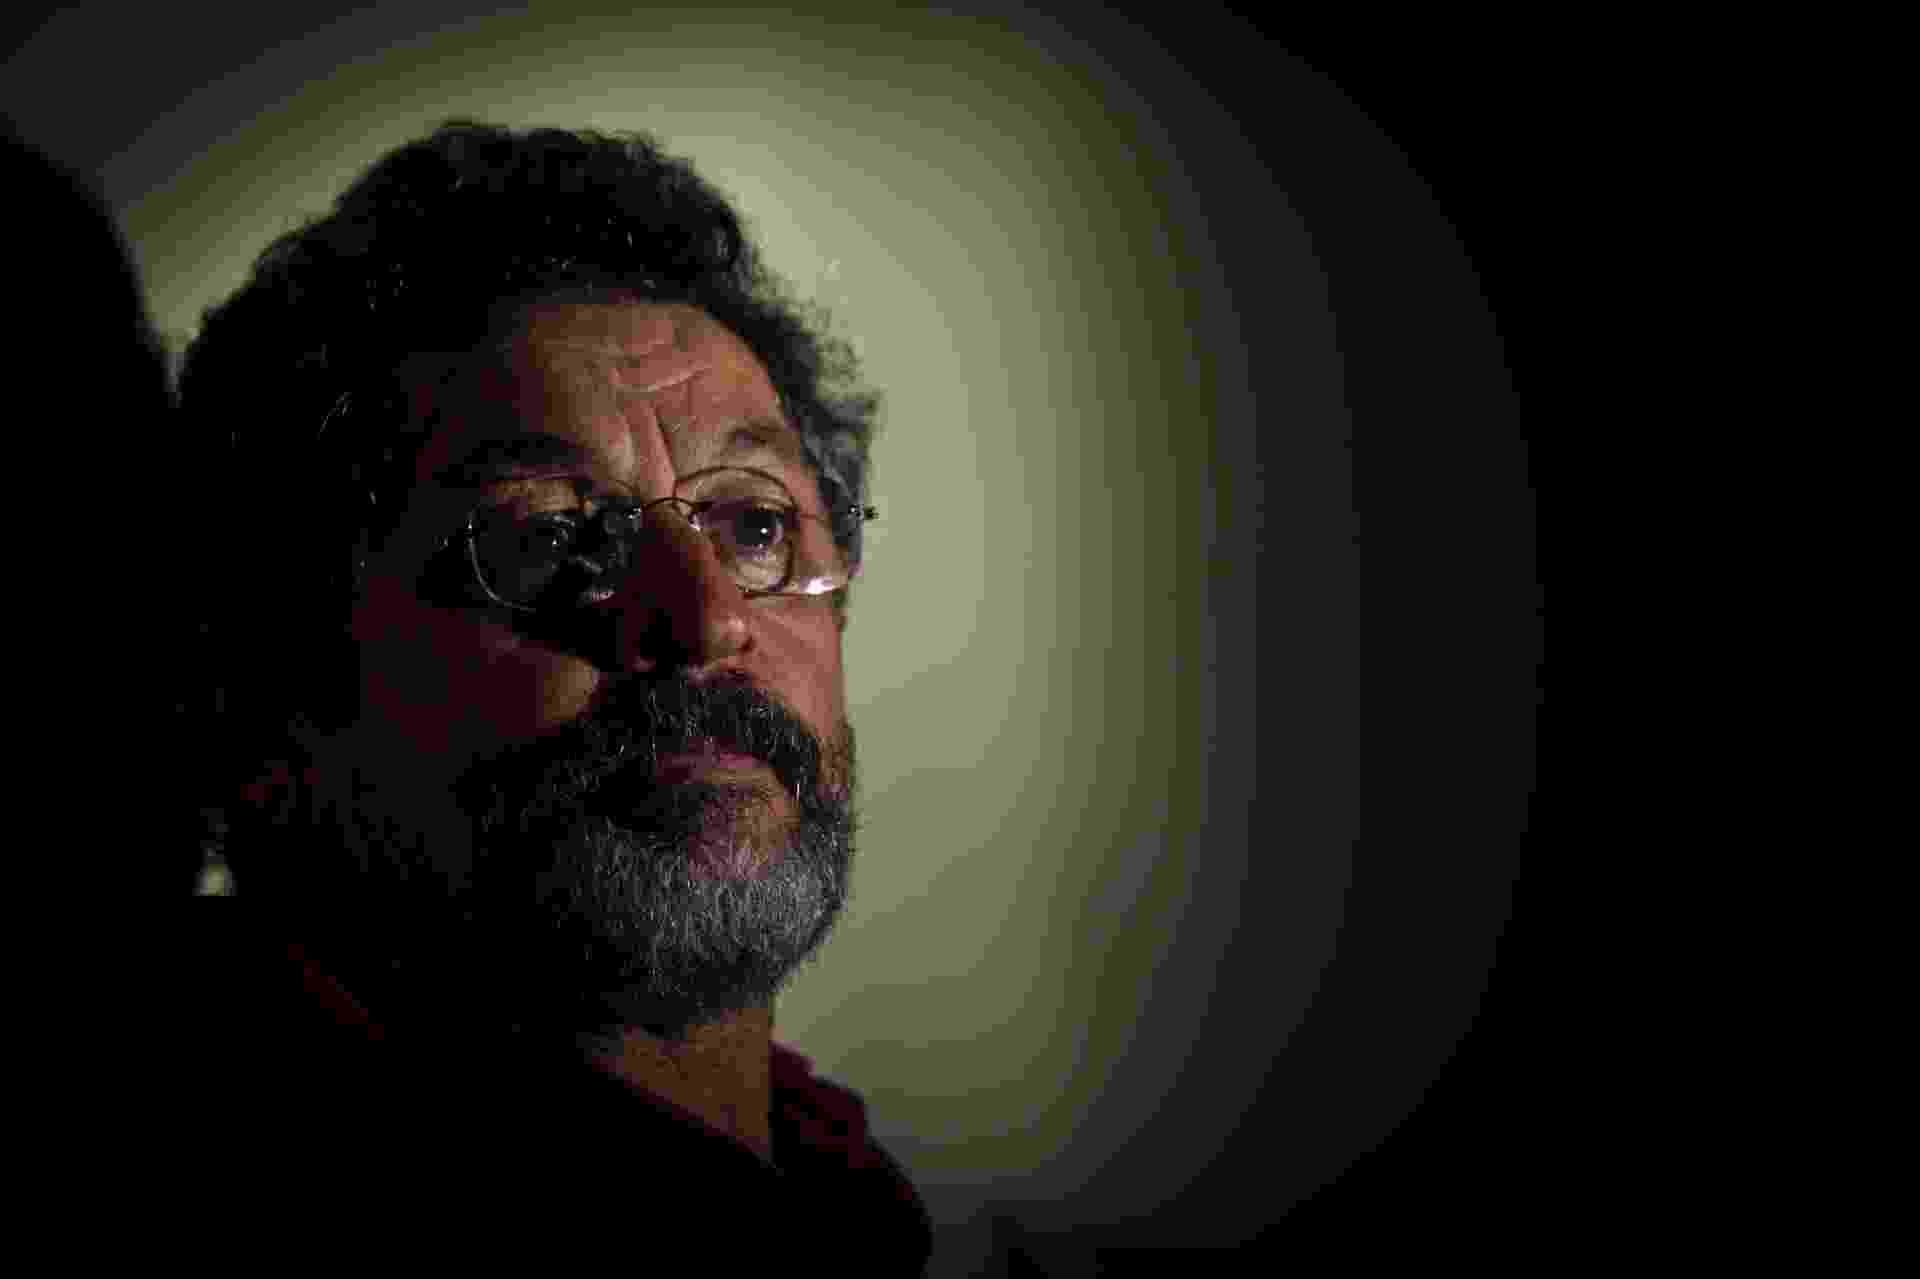 19.fev.2014 - Para escapar da inelegibilidade, em 18 de outubro de 2005, o deputado Paulo Rocha (PT) renunciou minutos antes de o Conselho de Ética instaurar processos contra os acusados no processo do mensalão. Ele foi eleito novamente em 2006 e absolvido do mensalão em 2012 - Tarso Sarraf/Folhapress